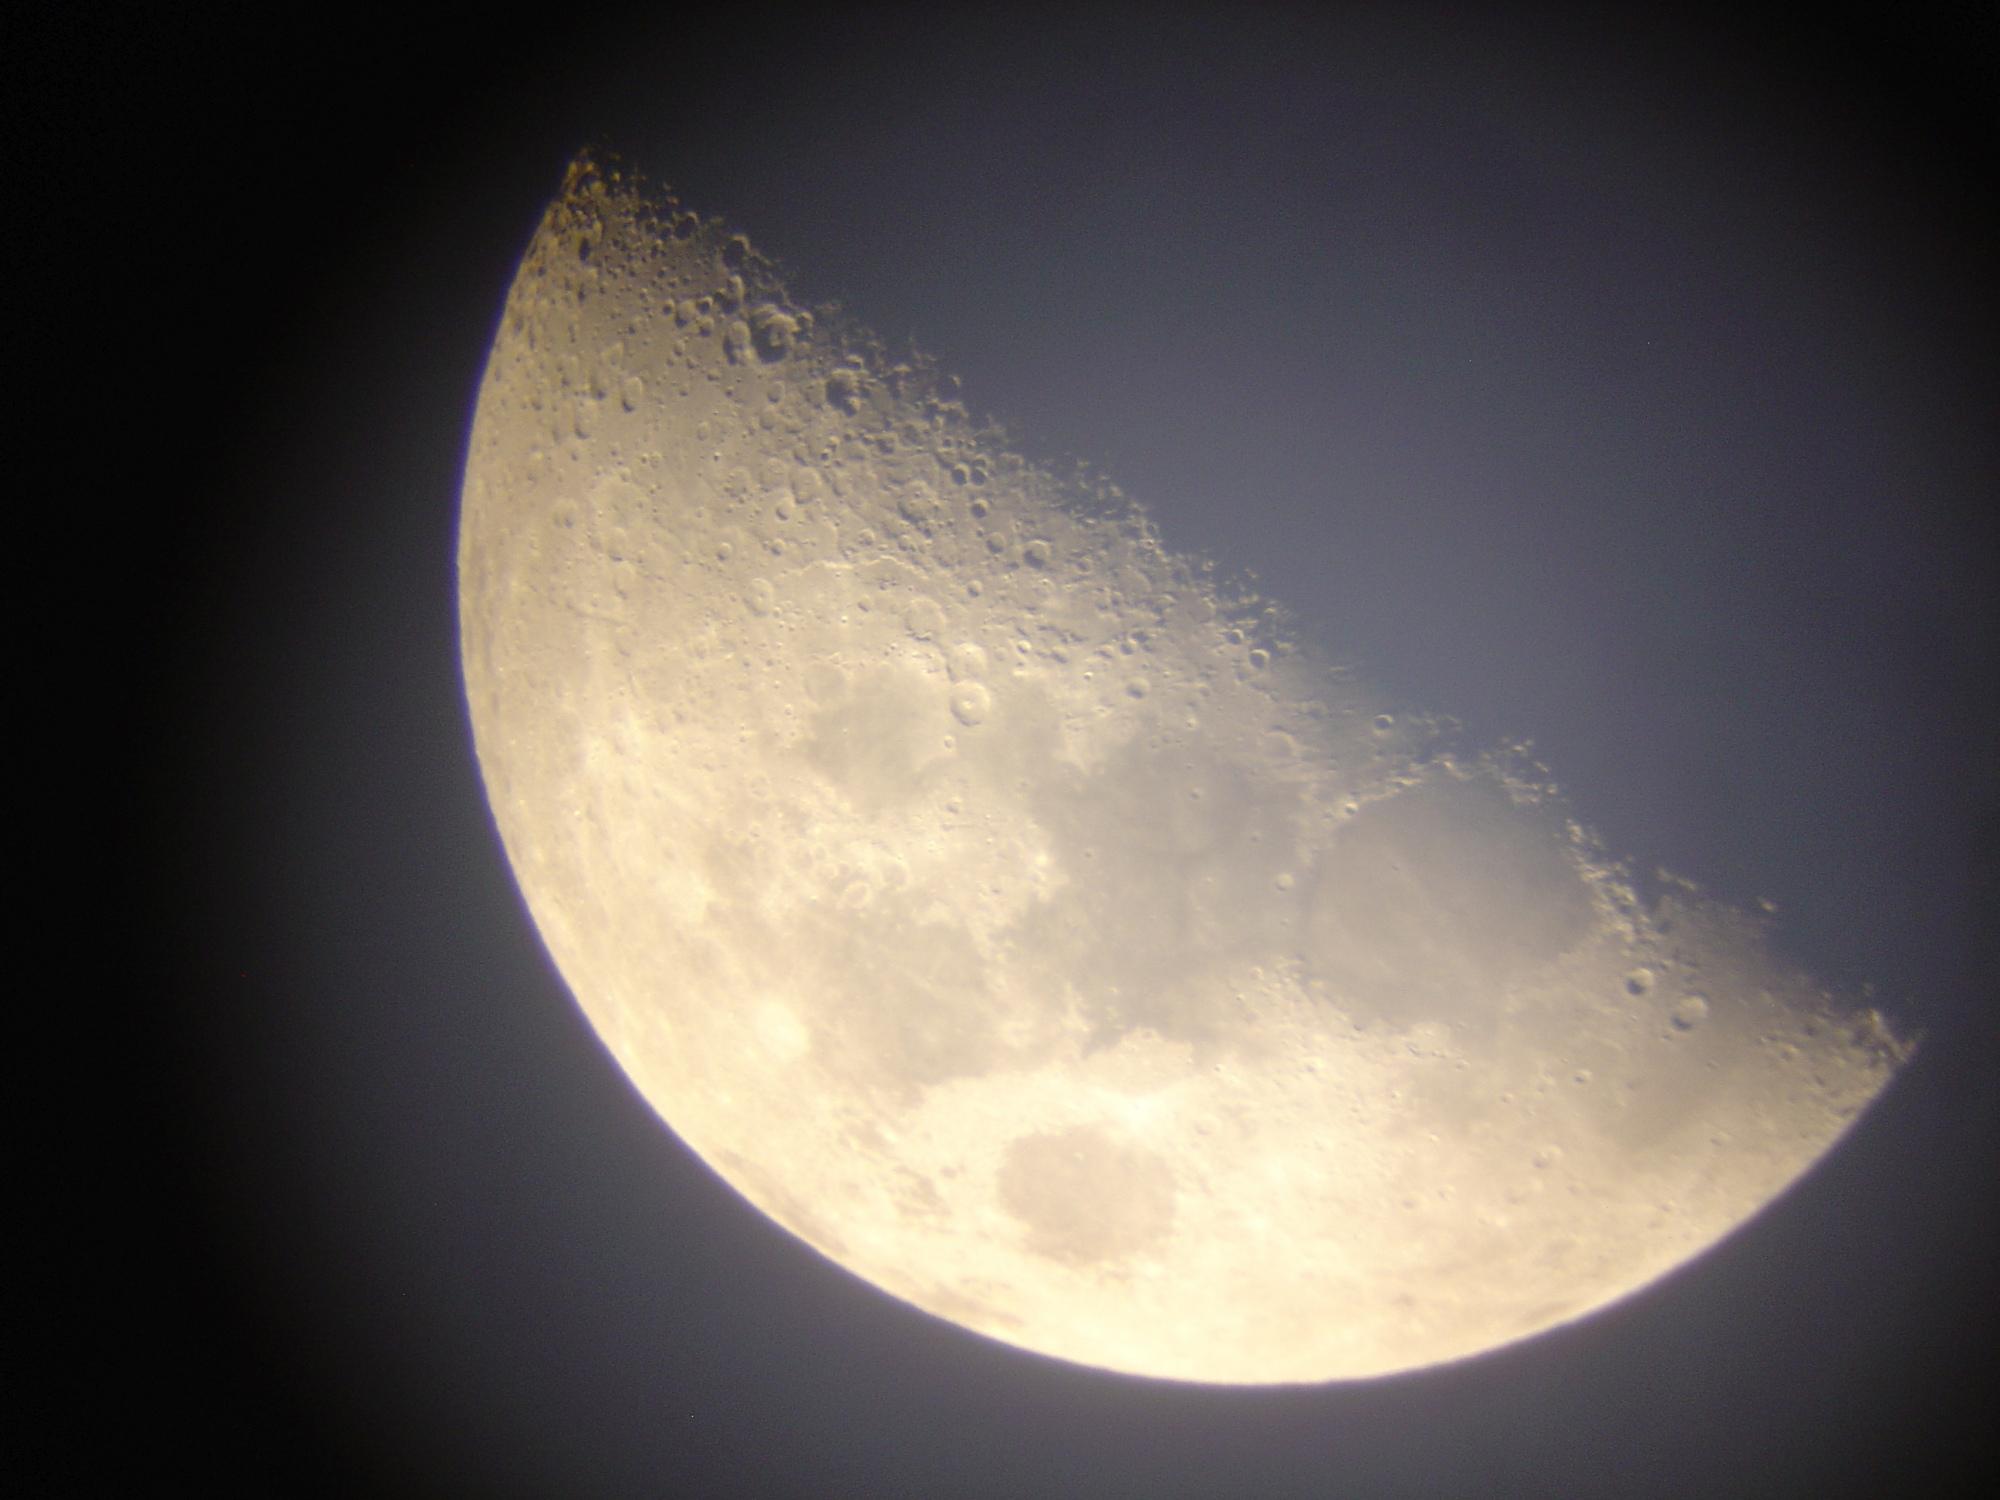 9 lune 150 newton nagler de 16 ou 9 bof2 .jpg